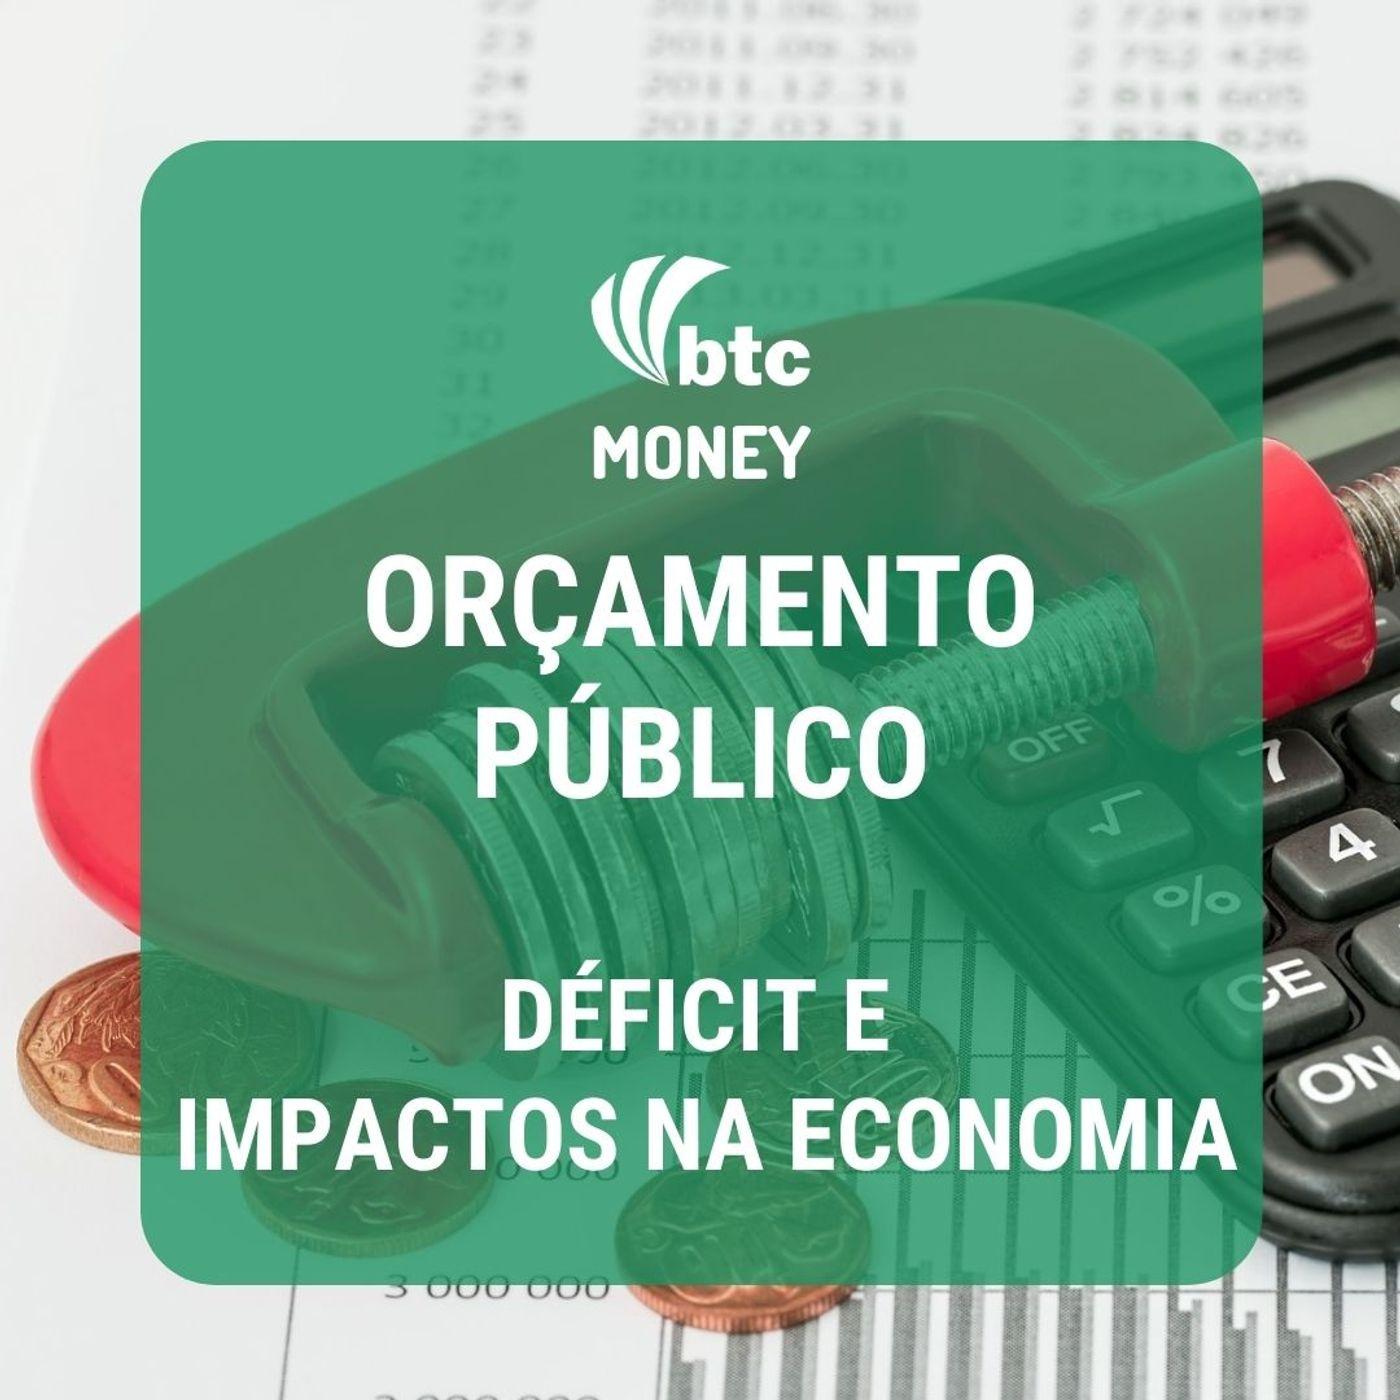 Orçamento Público: Déficit, Dívida, Gastos e Impactos na Economia | BTC Money #35